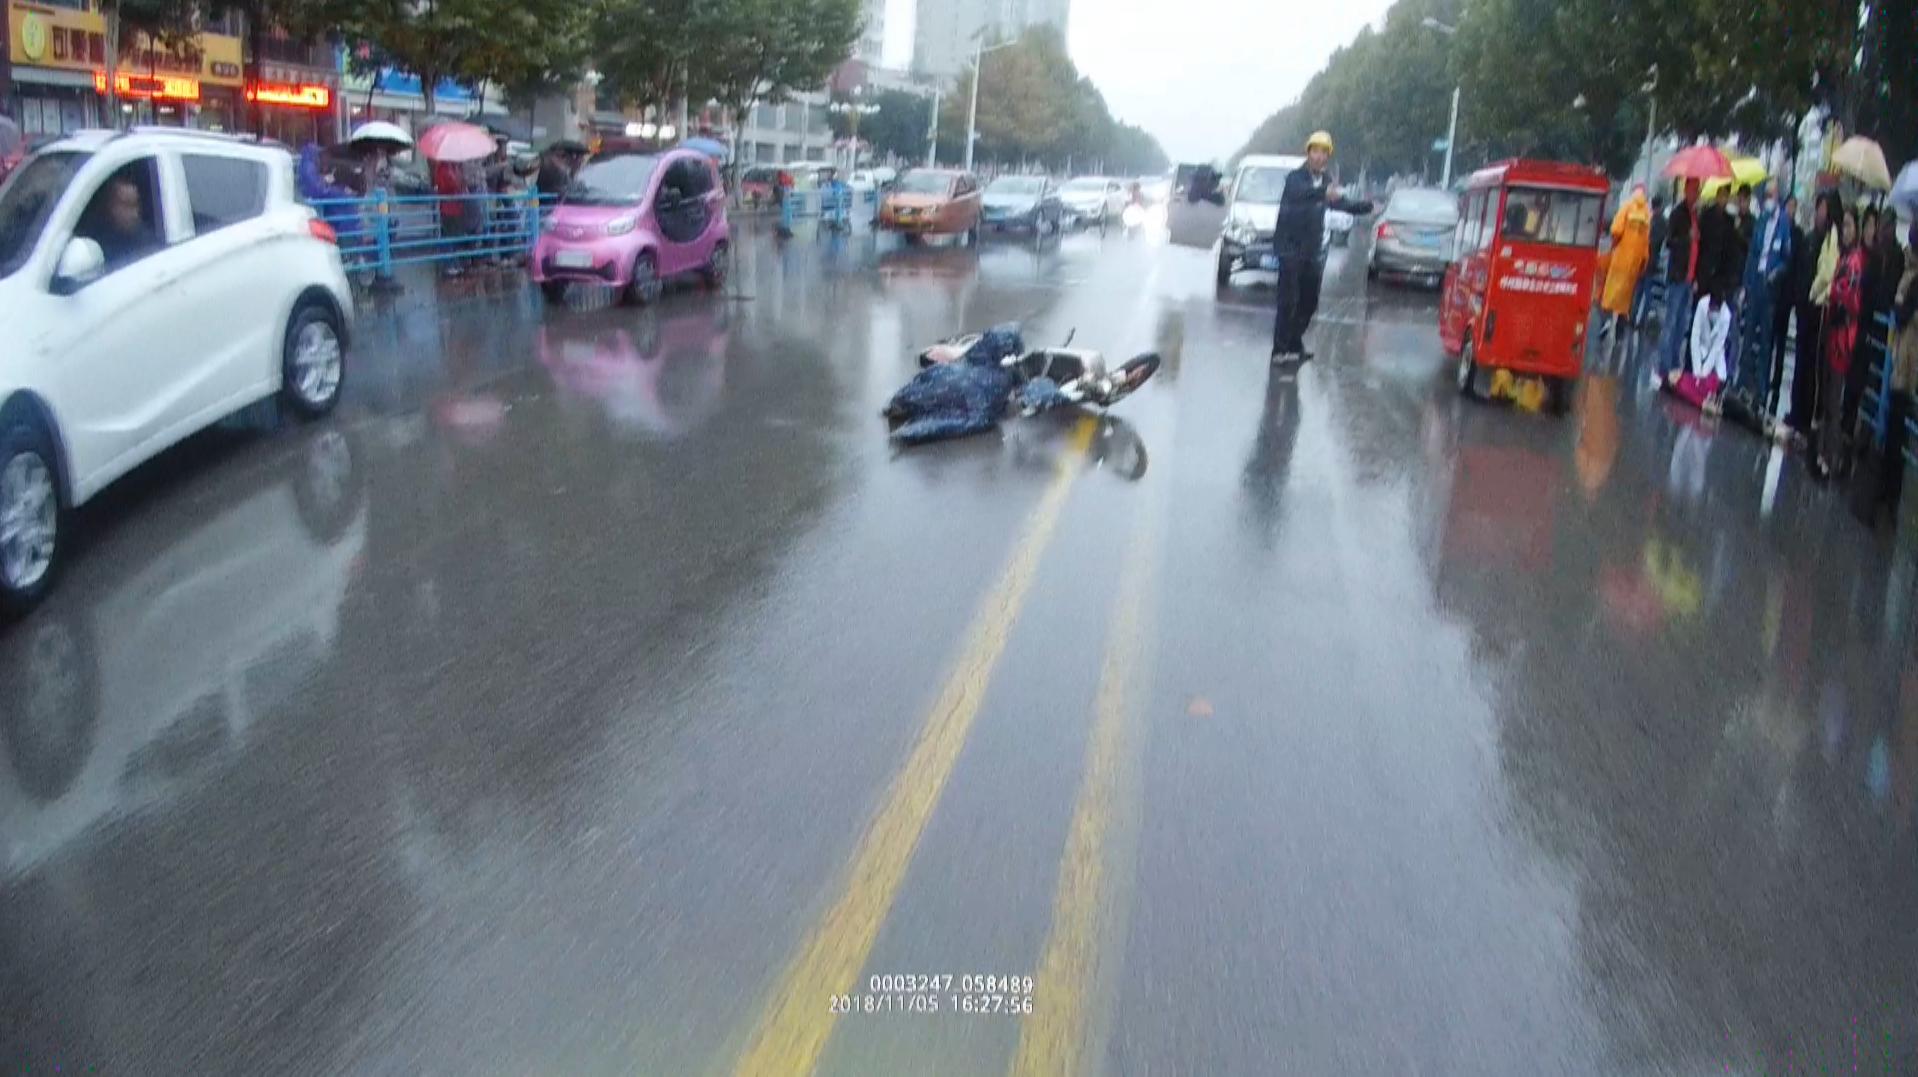 酒驾!面包车撞摩托车 一死一伤酿惨剧